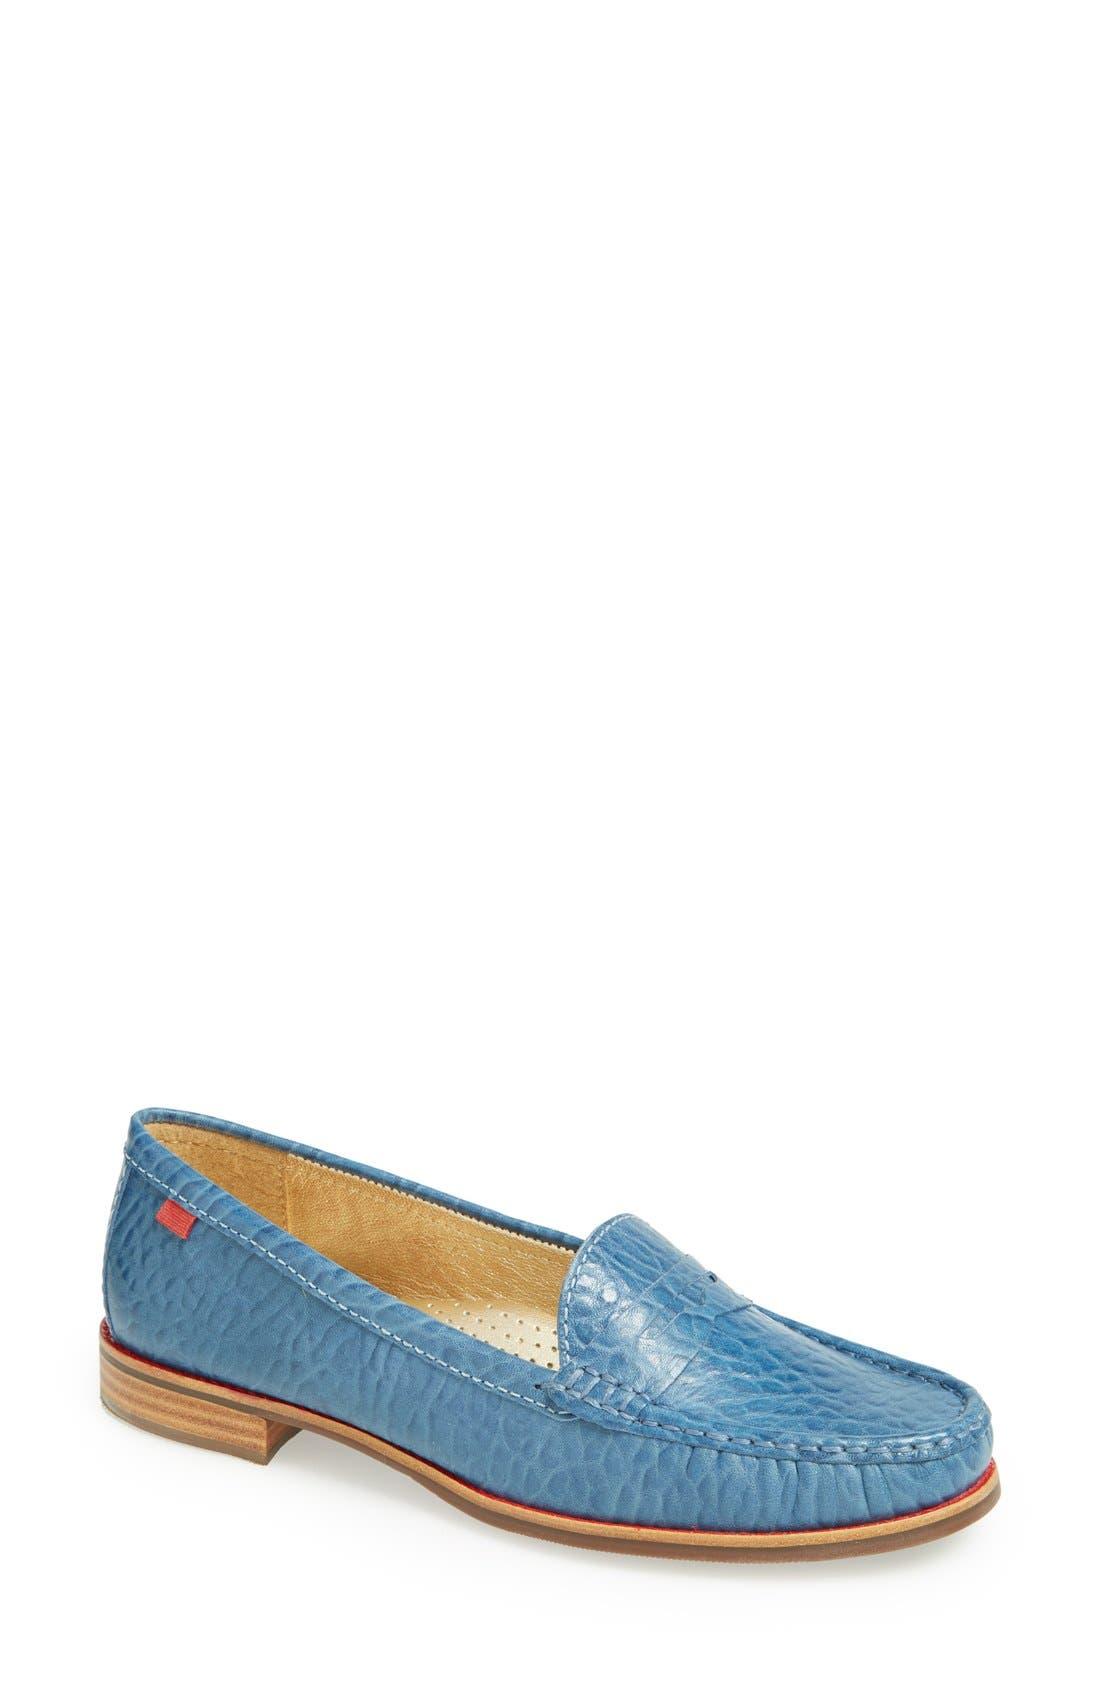 'East Village' Loafer, Main, color, 400